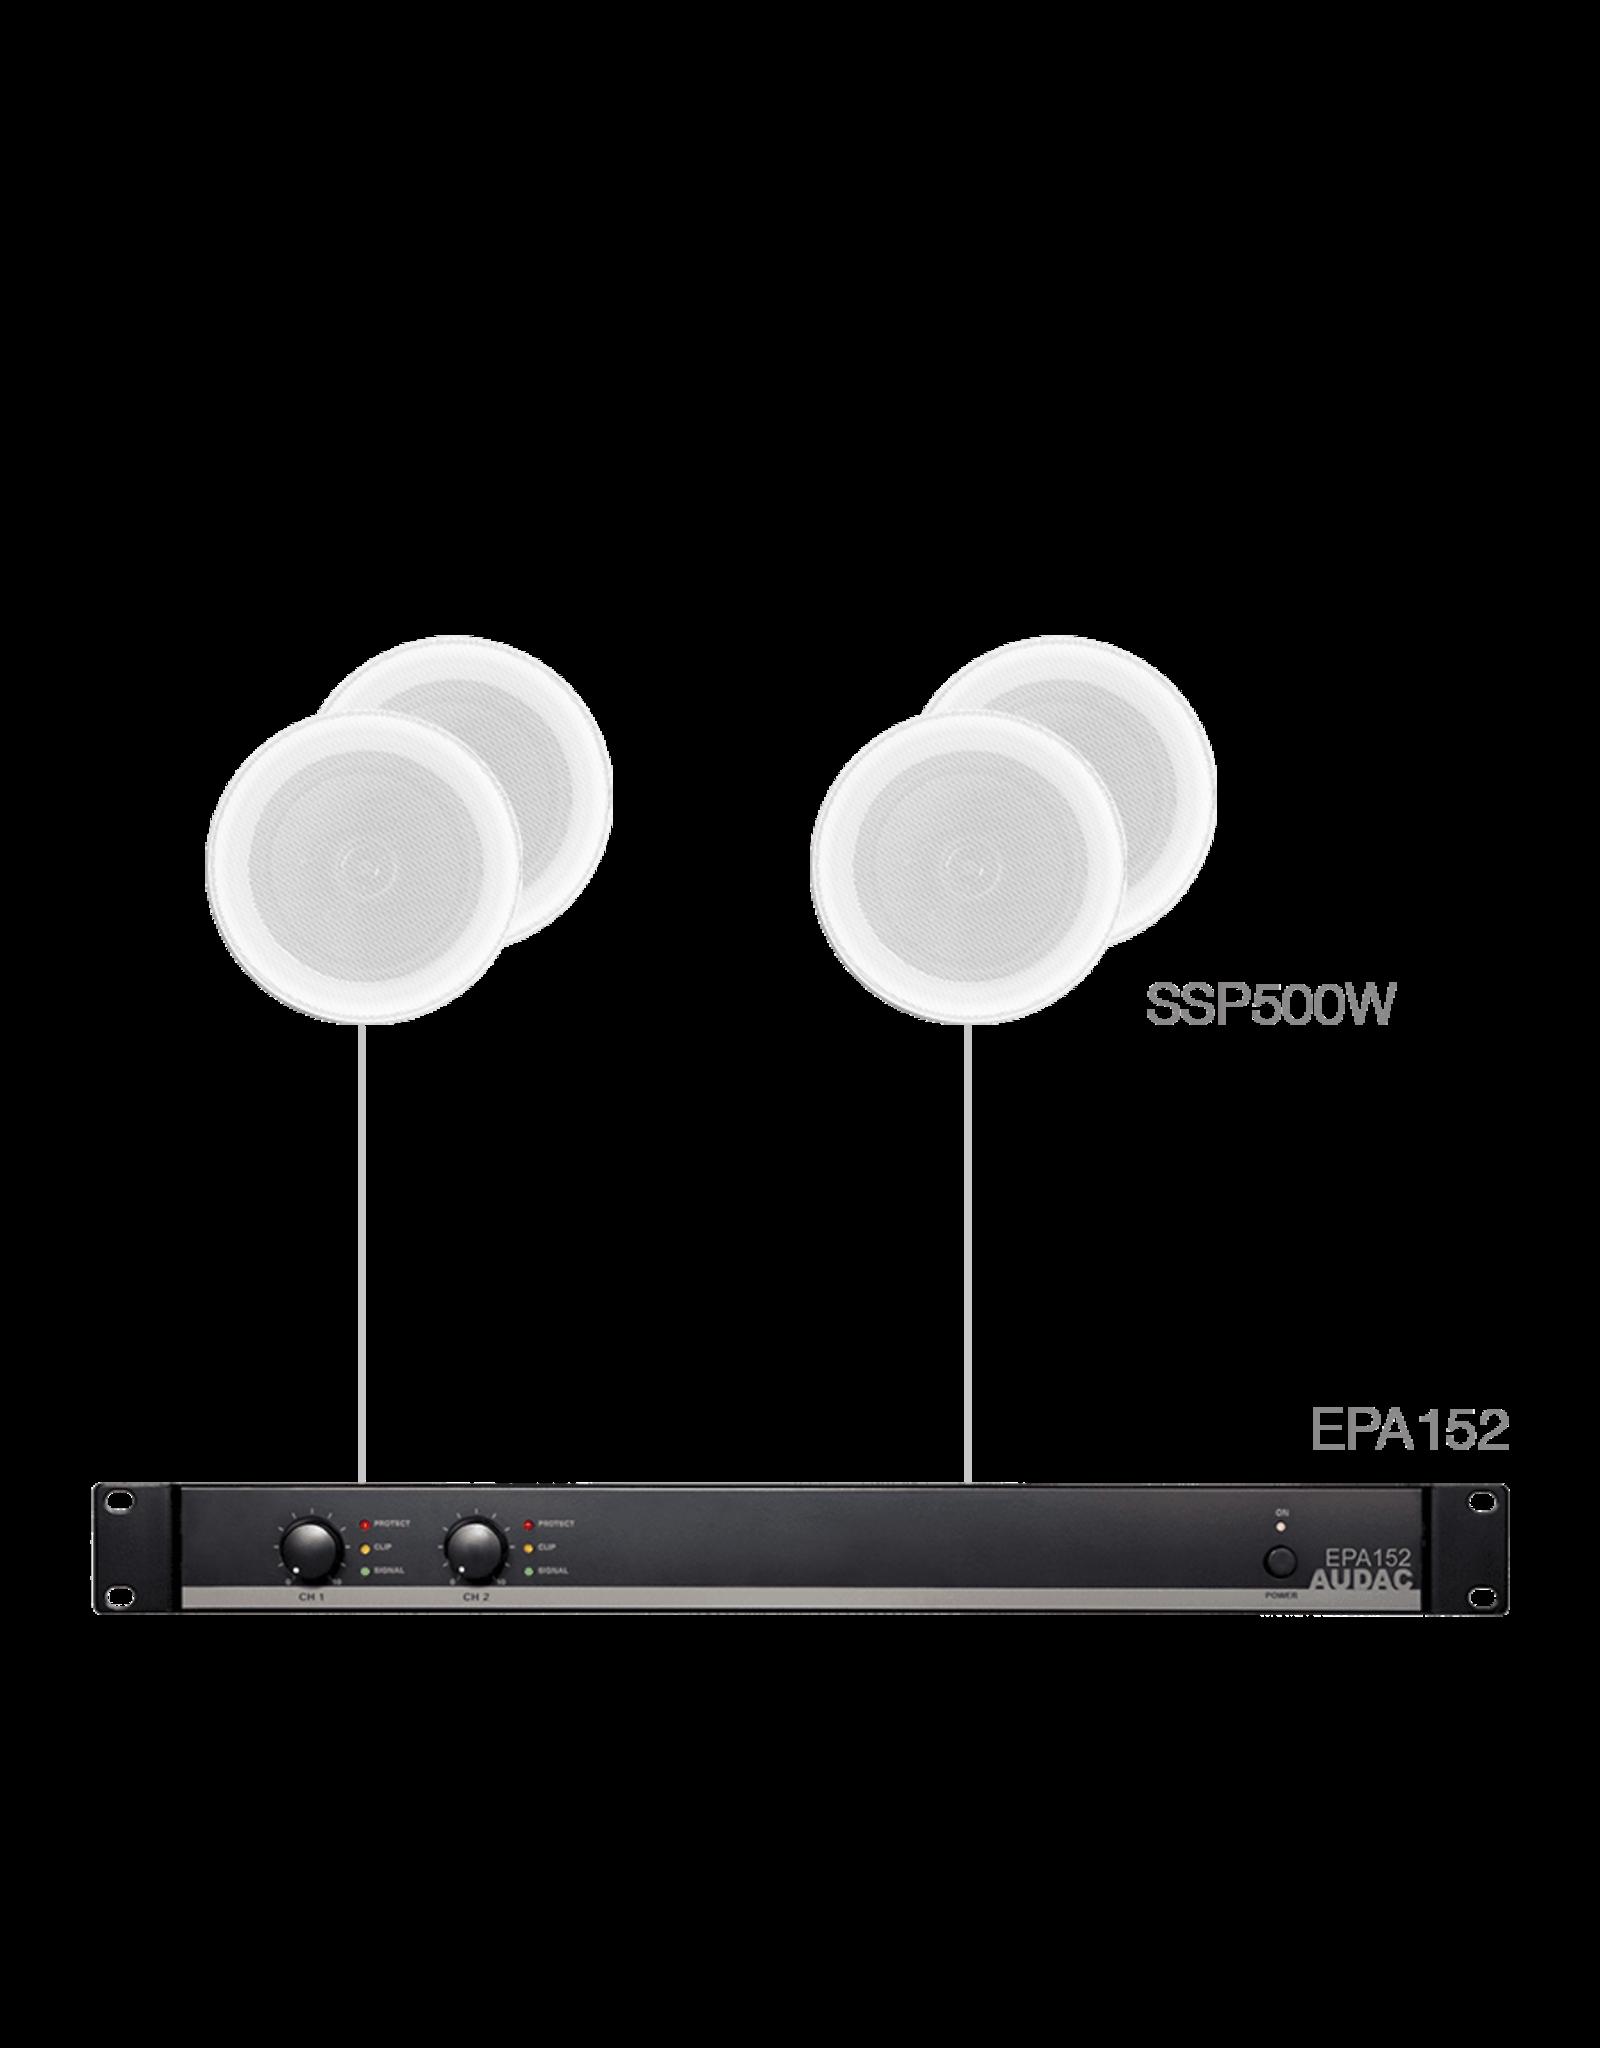 Audac 4x SSP500 + EPA152 White